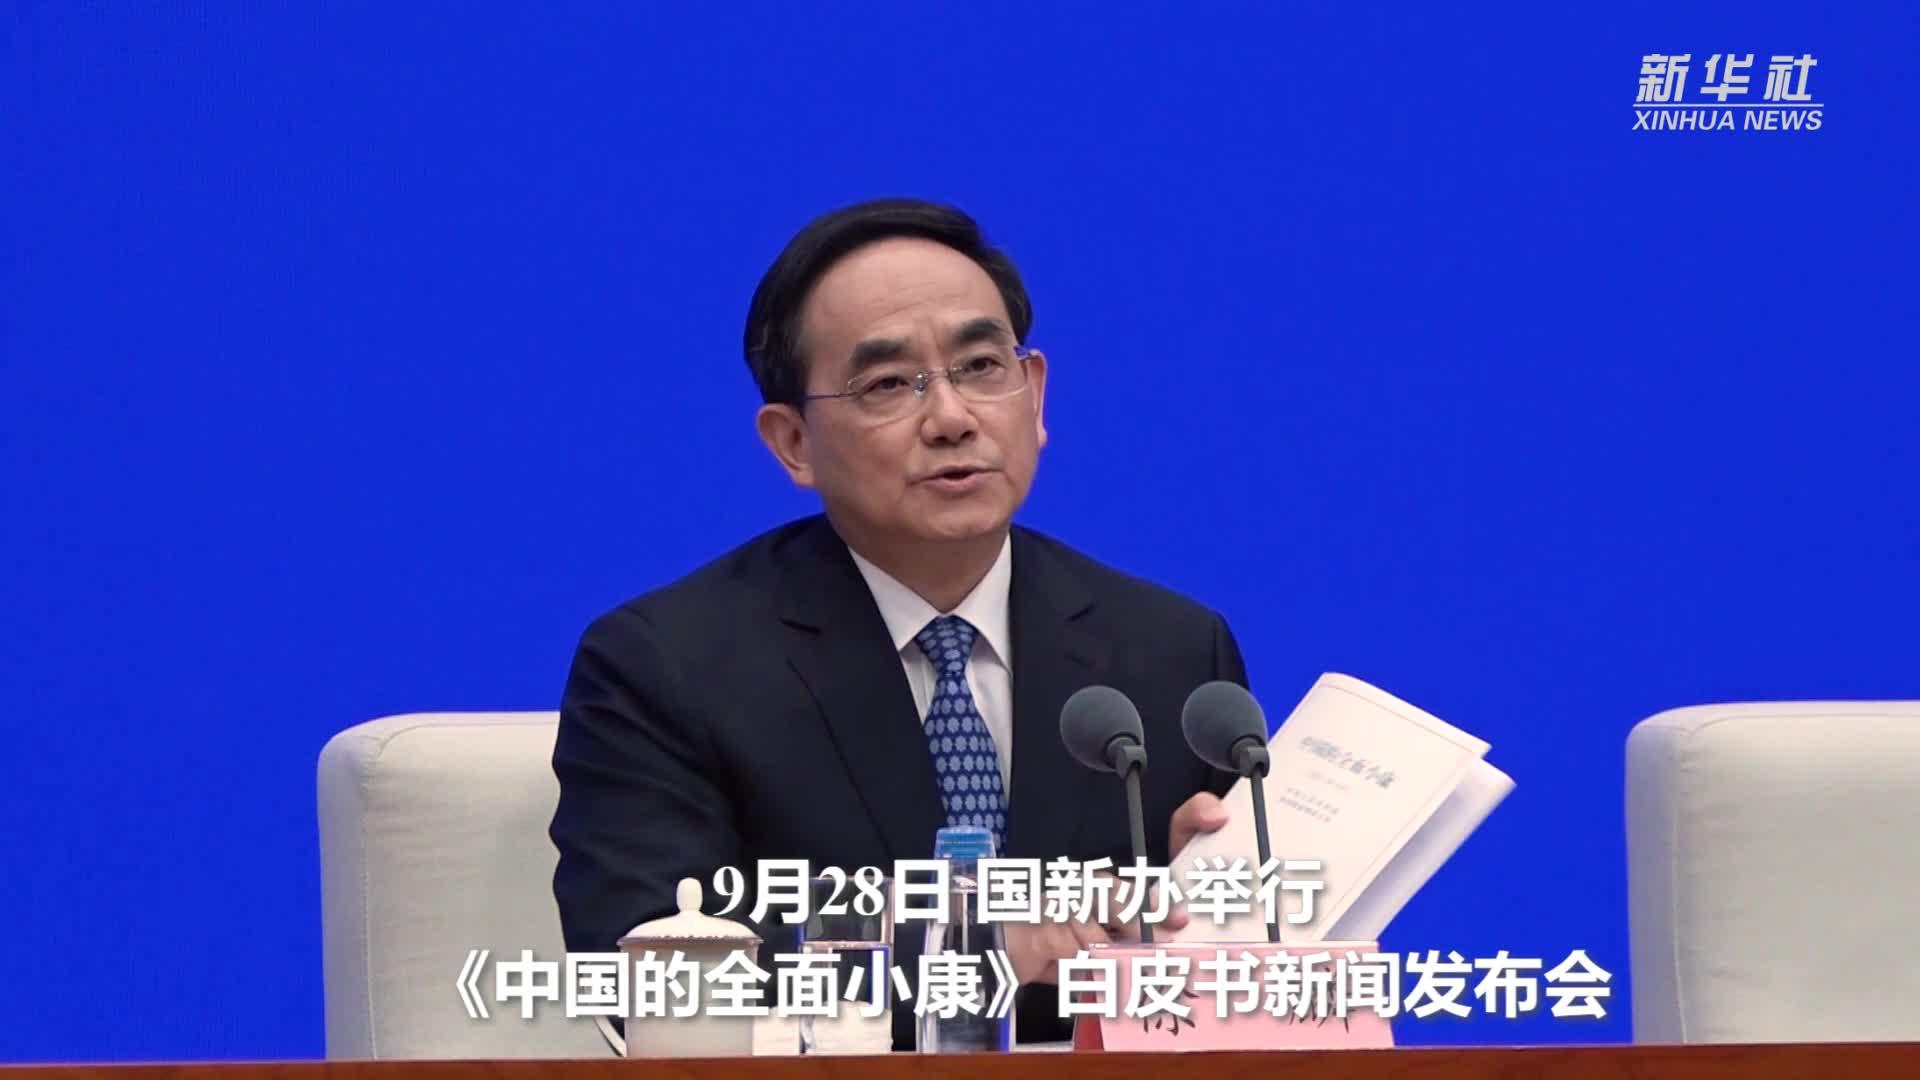 国务院新闻办发布《中国的全面小康》白皮书